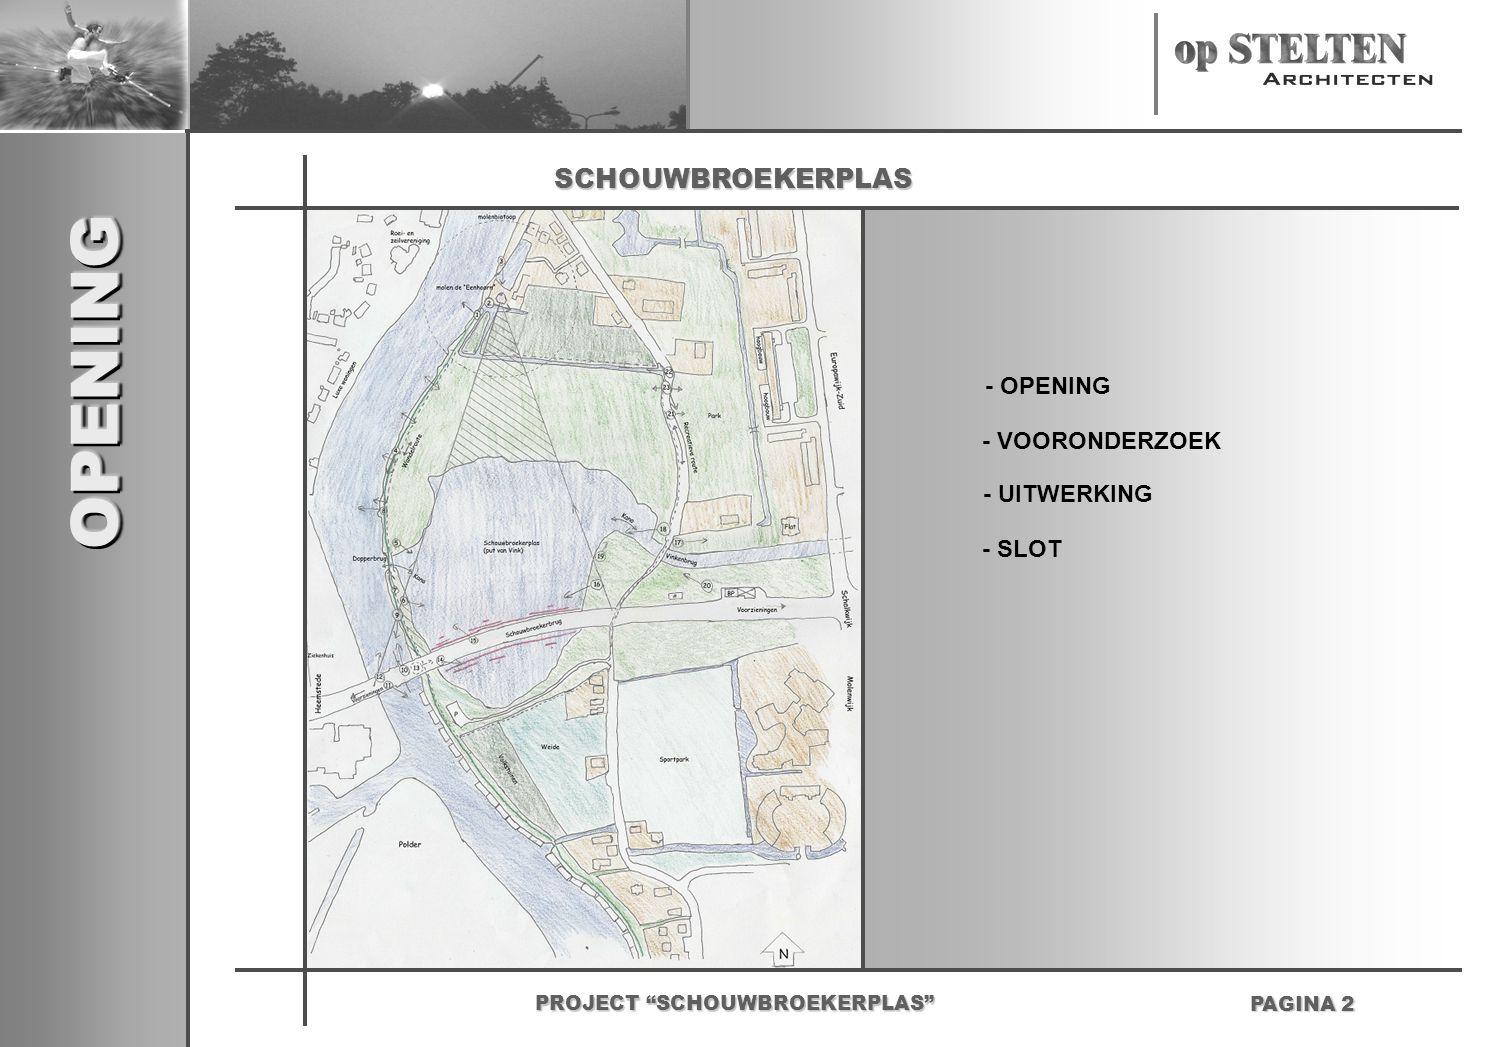 OPENINGOPENING PAGINA 2 - OPENING PROJECT SCHOUWBROEKERPLAS SCHOUWBROEKERPLAS - UITWERKING - VOORONDERZOEK - SLOT